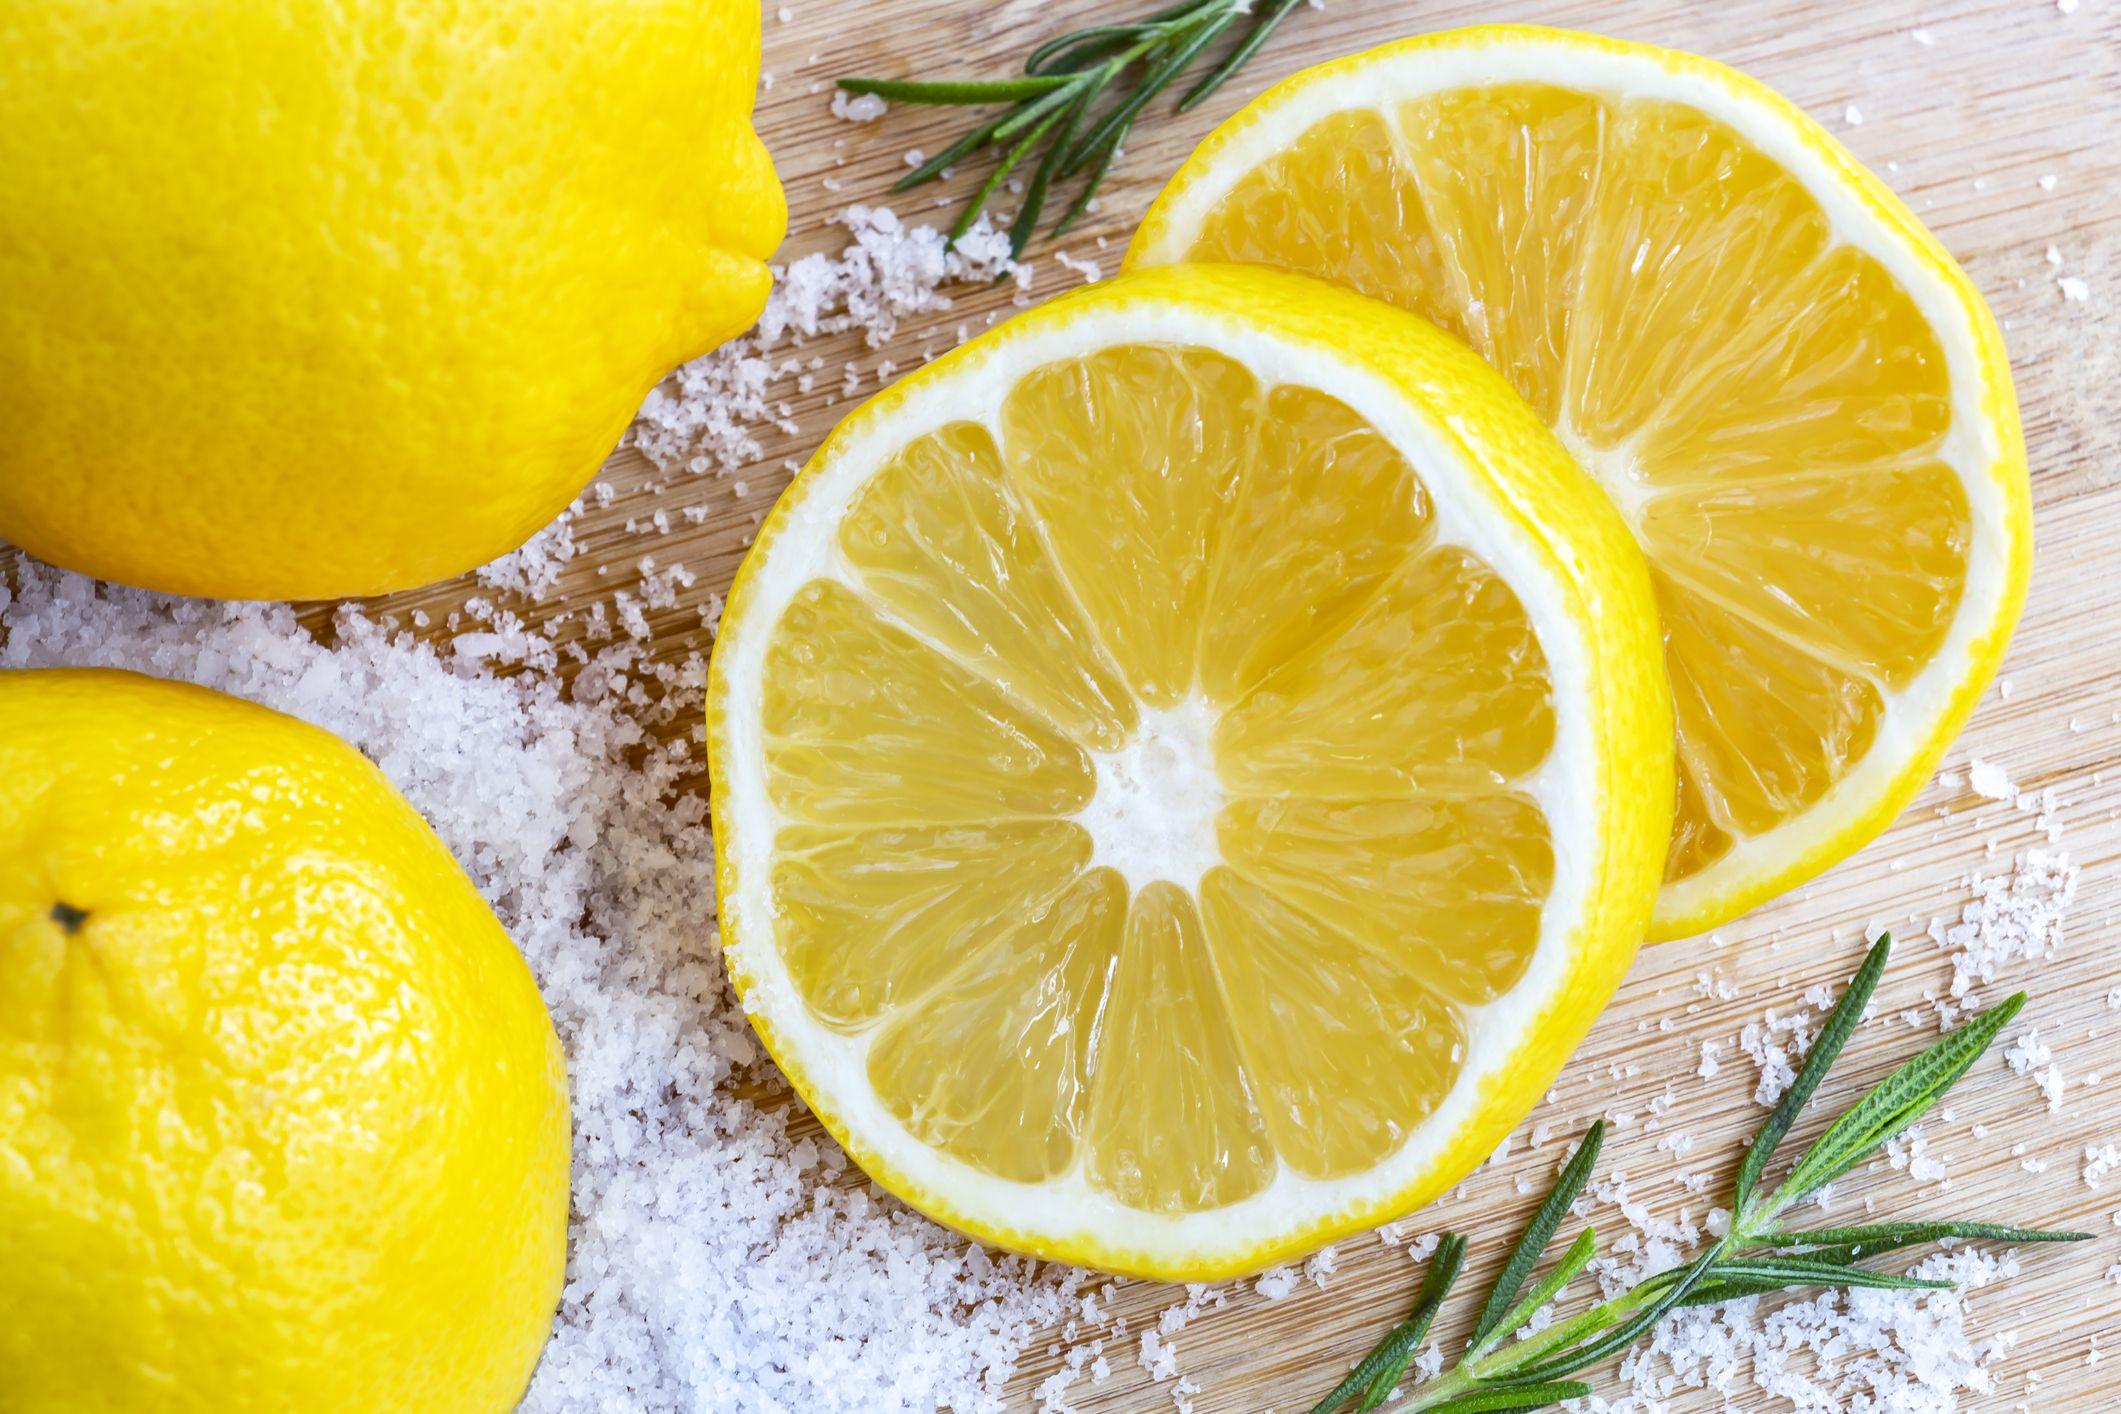 El limón limpia la zona afectada y la sal exfolia para eliminar las bacterias y células muertas que se acumulan en el callo.